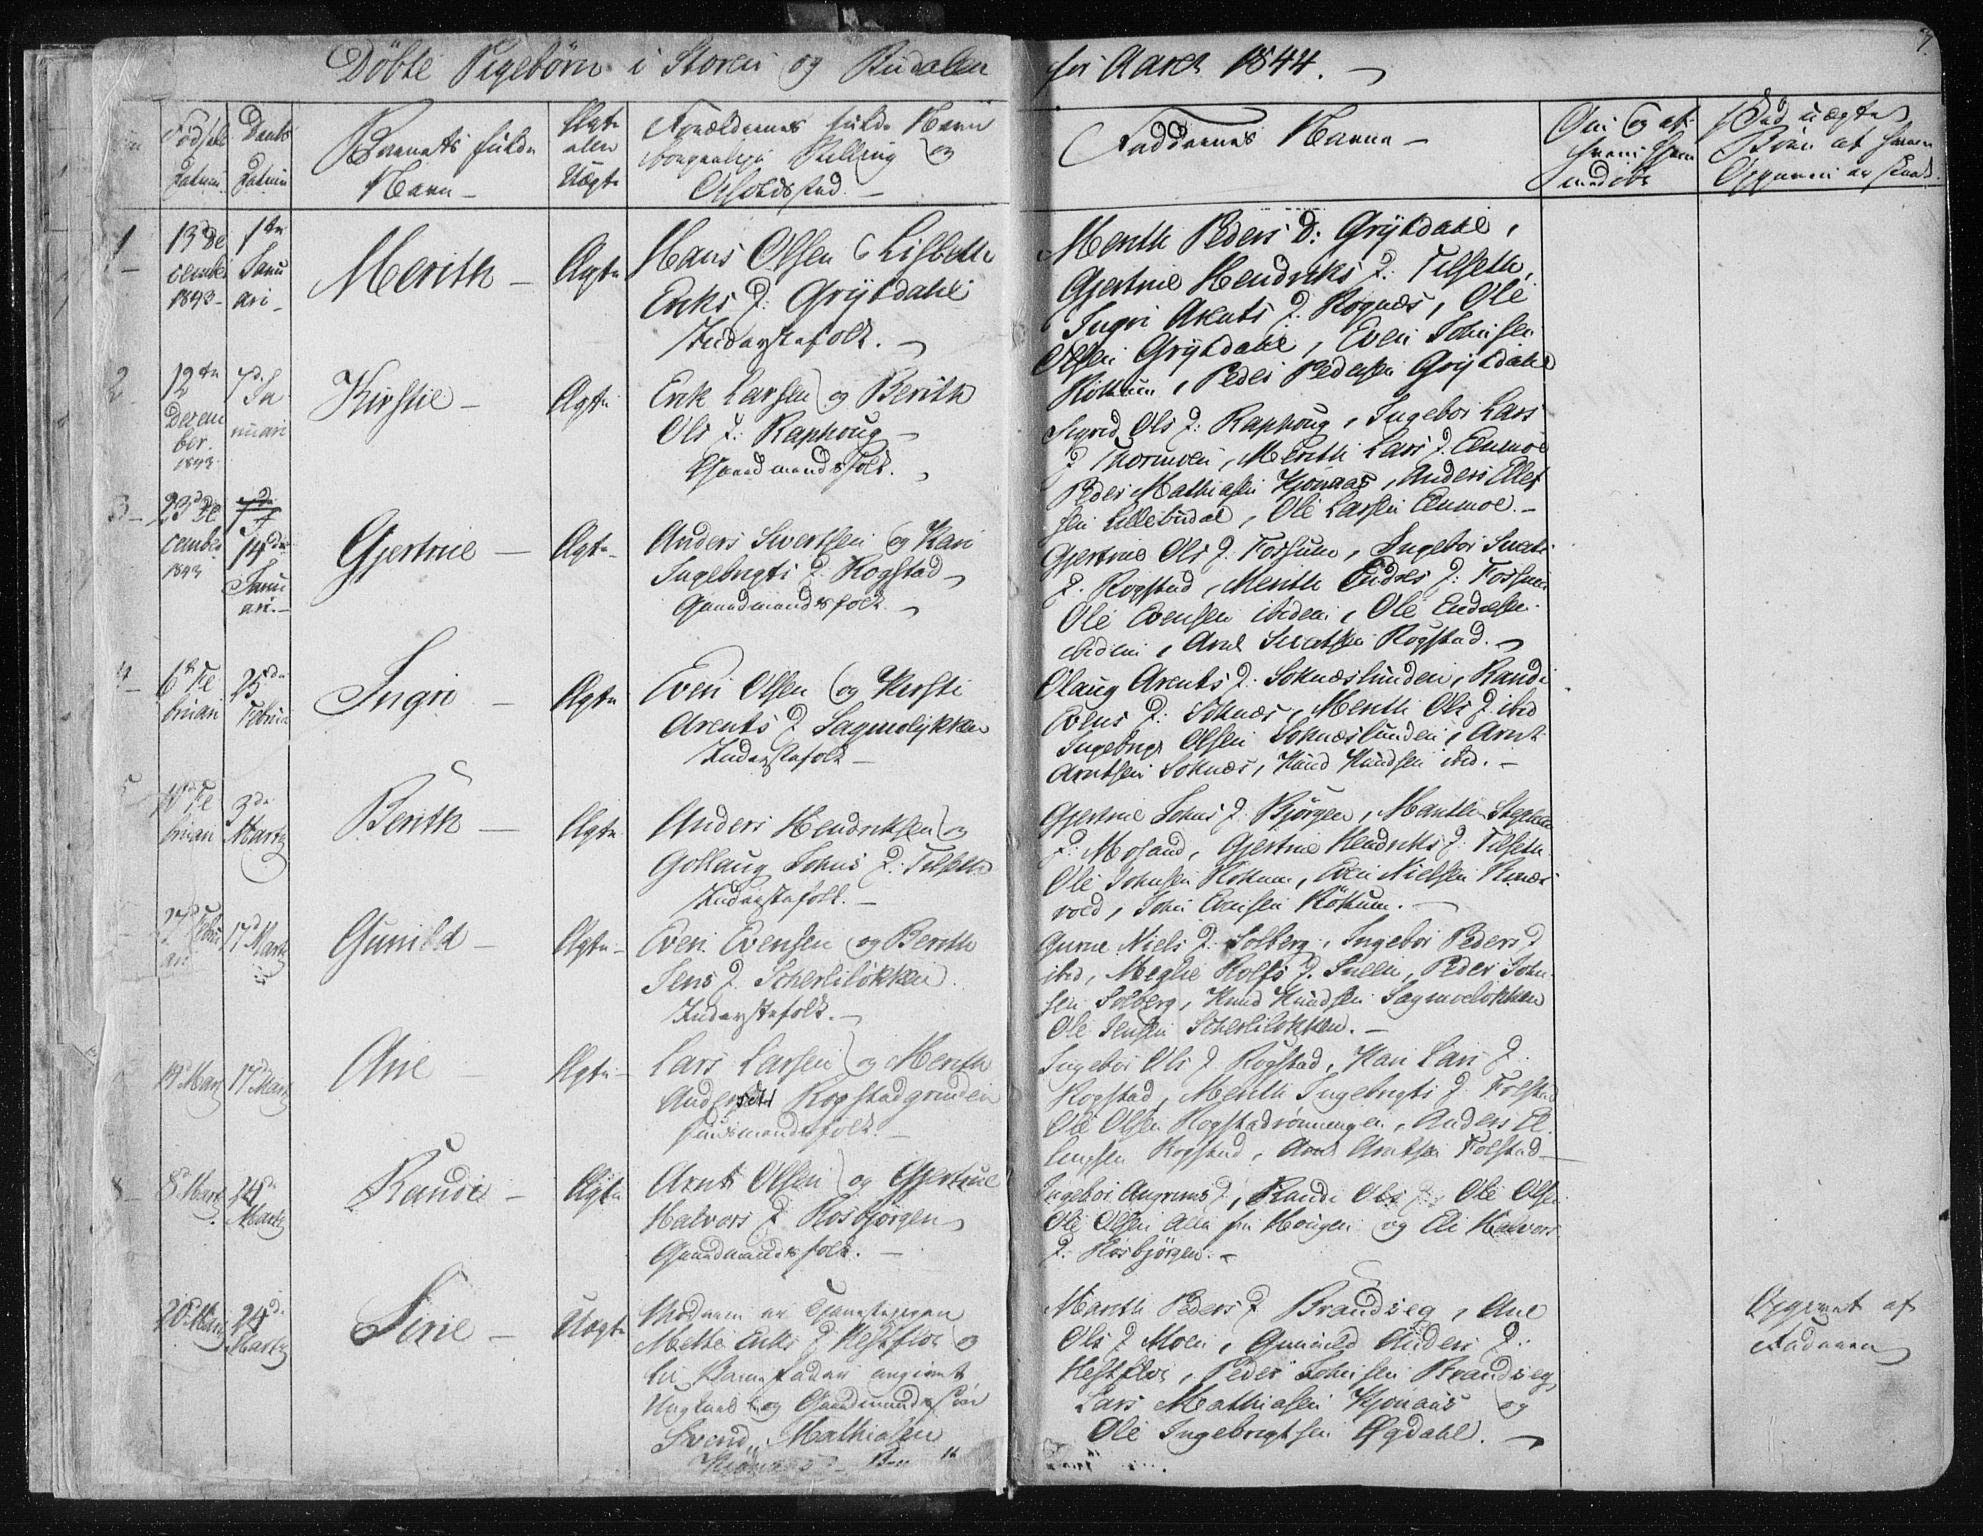 SAT, Ministerialprotokoller, klokkerbøker og fødselsregistre - Sør-Trøndelag, 687/L0997: Ministerialbok nr. 687A05 /1, 1843-1848, s. 7